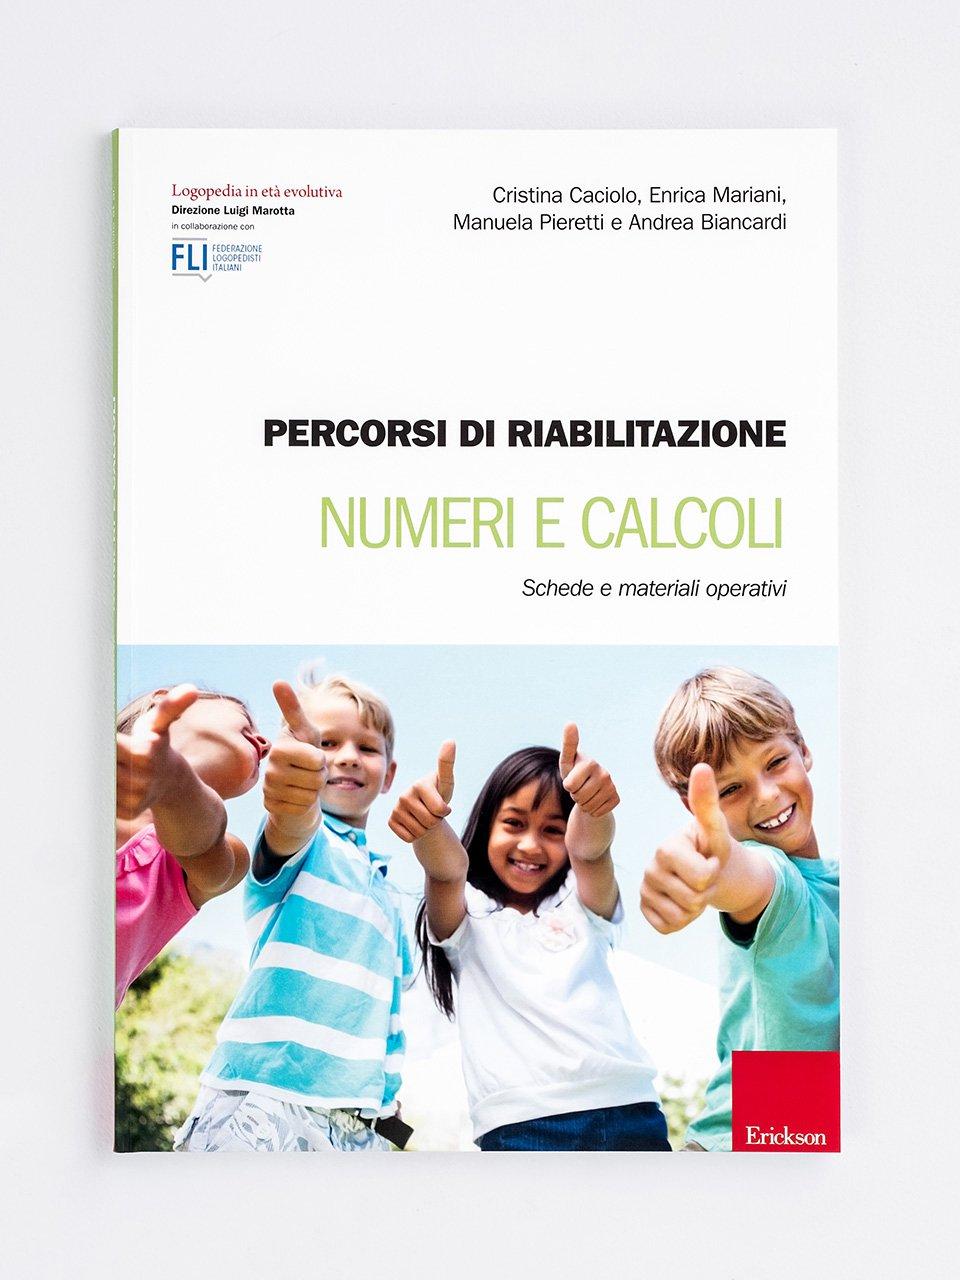 Percorsi di riabilitazione - Numeri e calcoli - Test AC-MT 11-14 - Test di valutazione delle abili - Libri - Erickson